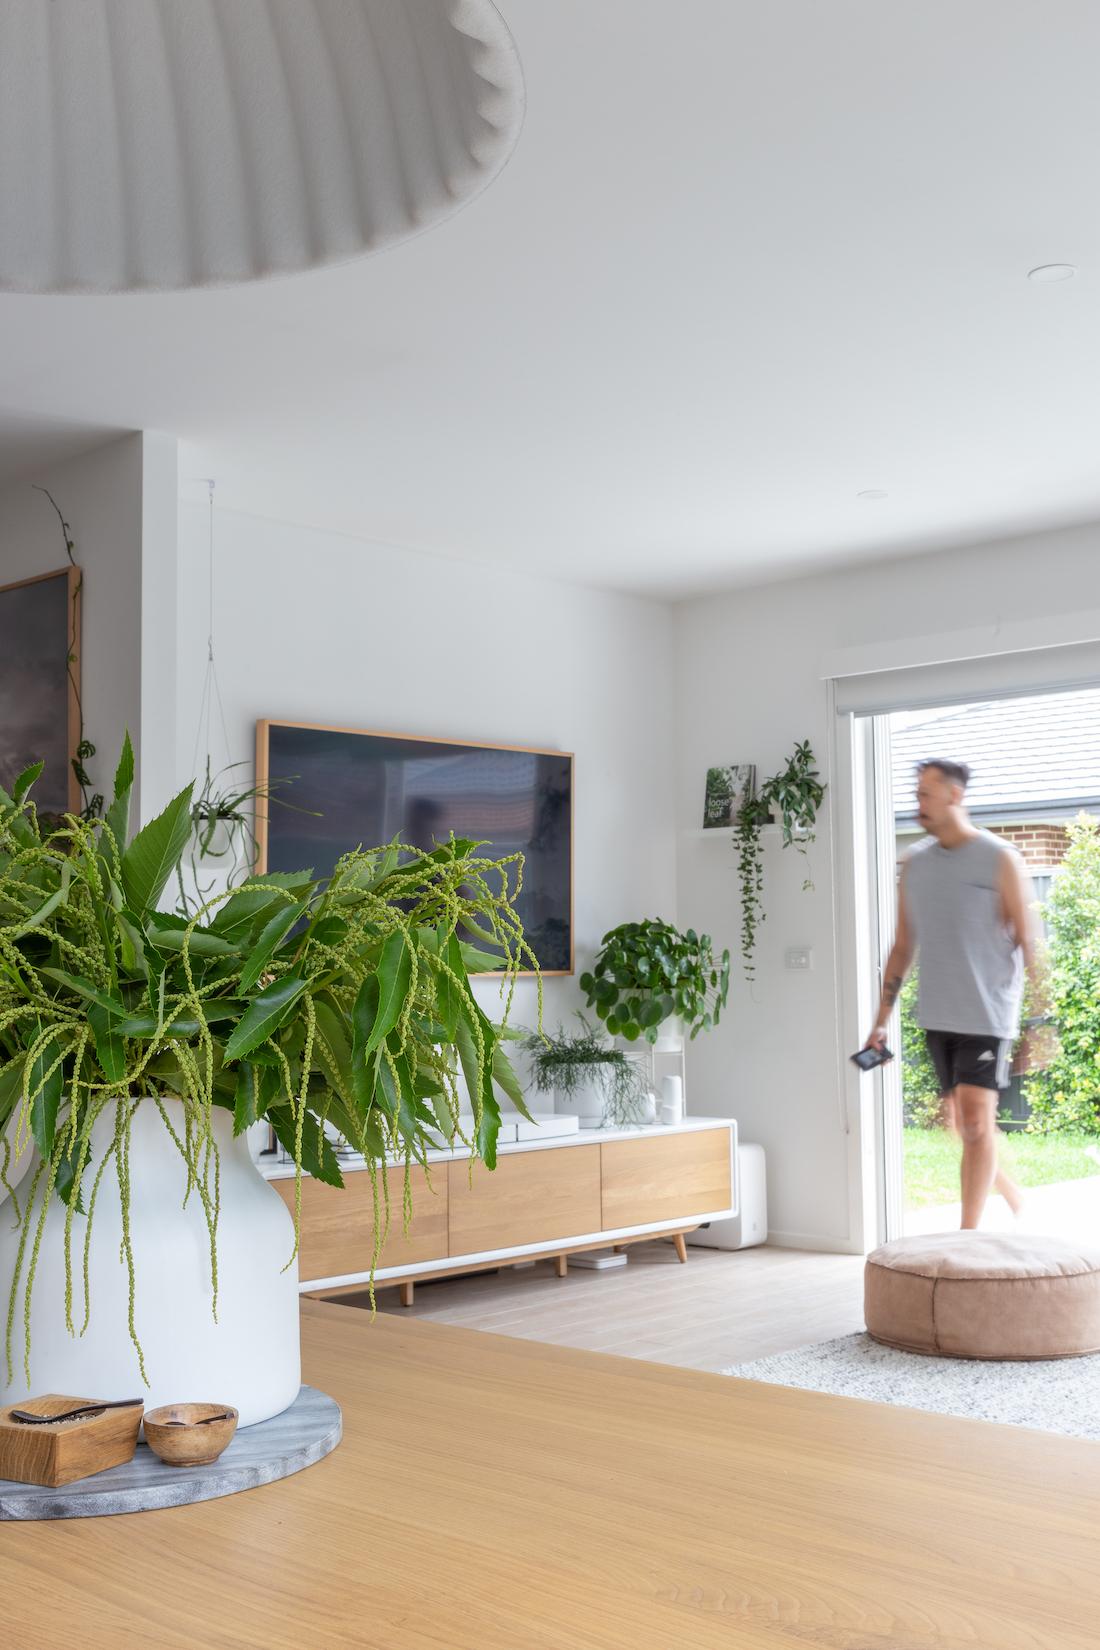 Plant shelf in living room